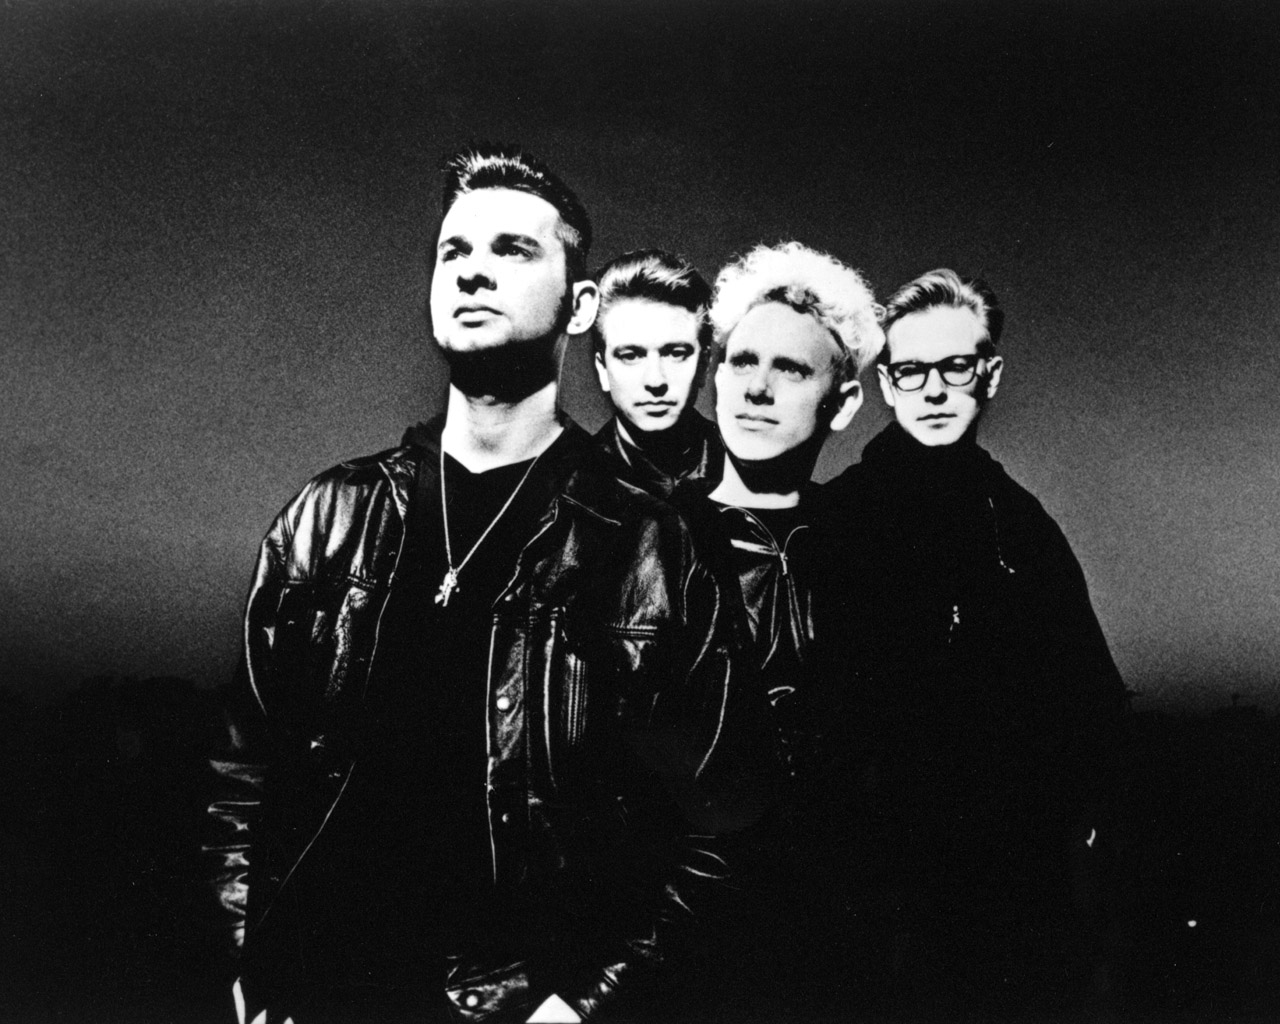 La nueva caligrafía tecno: de Depeche Mode a Detroit (I)